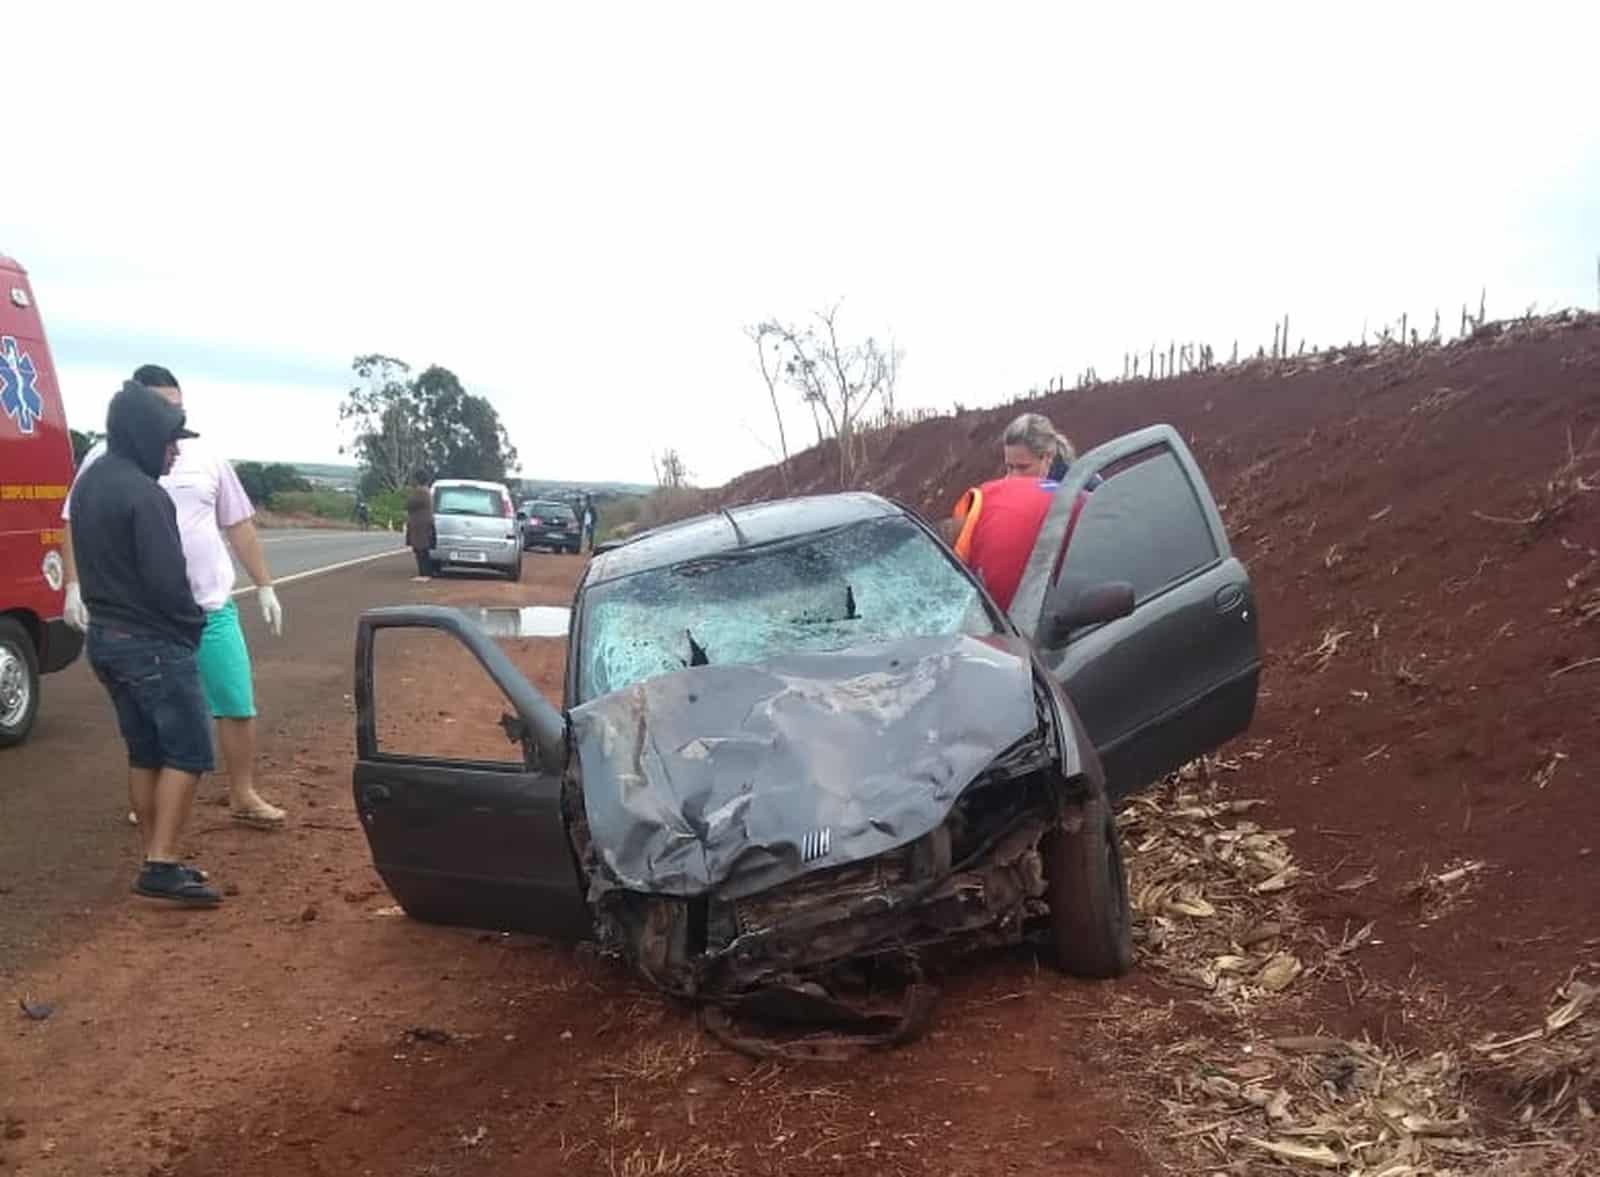 Jovens foram atropelados em Santa Cruz do Rio Pardo (Foto: Arquivo pessoal)